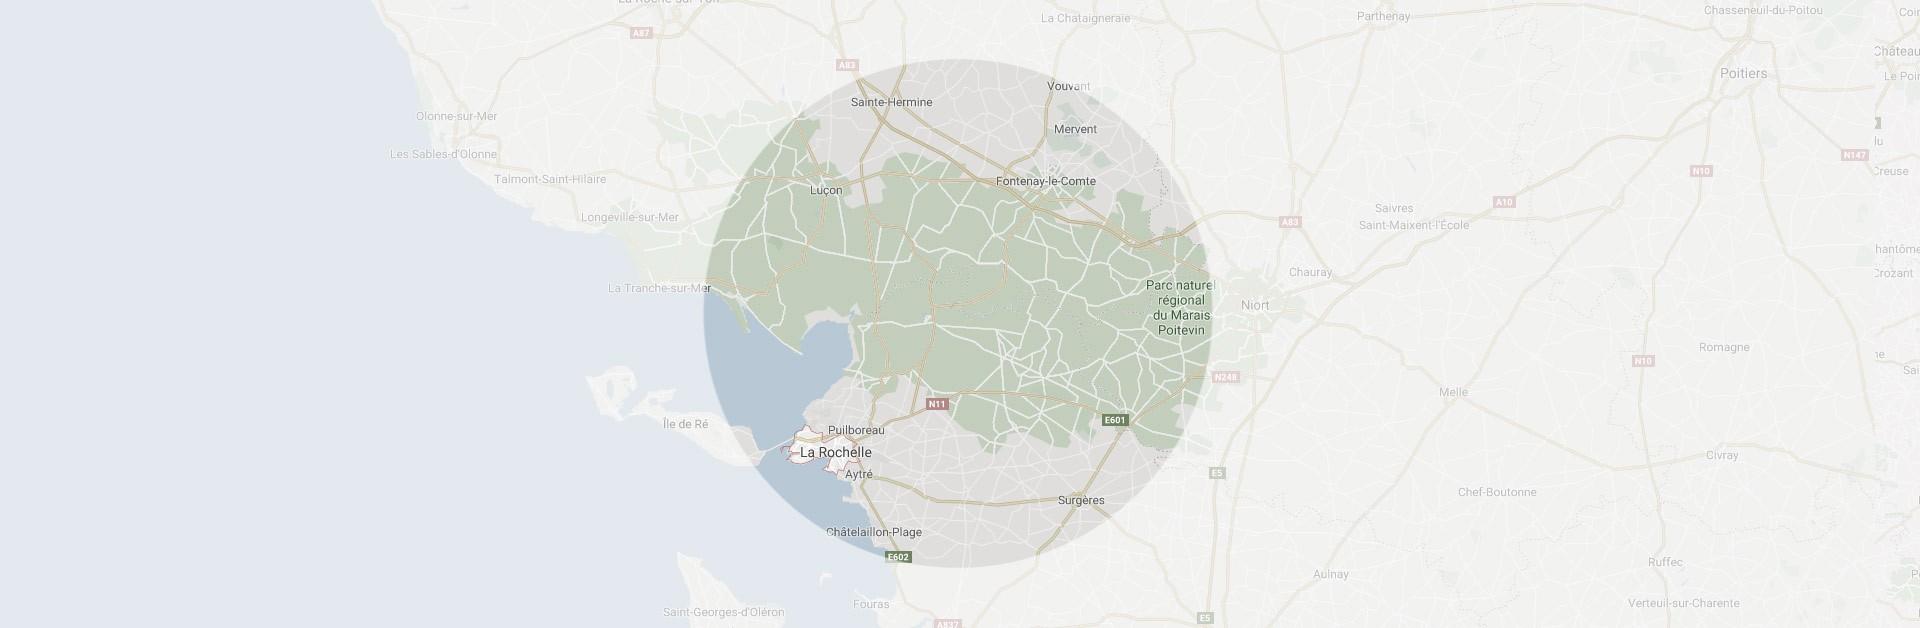 réparation à domicile à La Rochelle | CRH Informatique